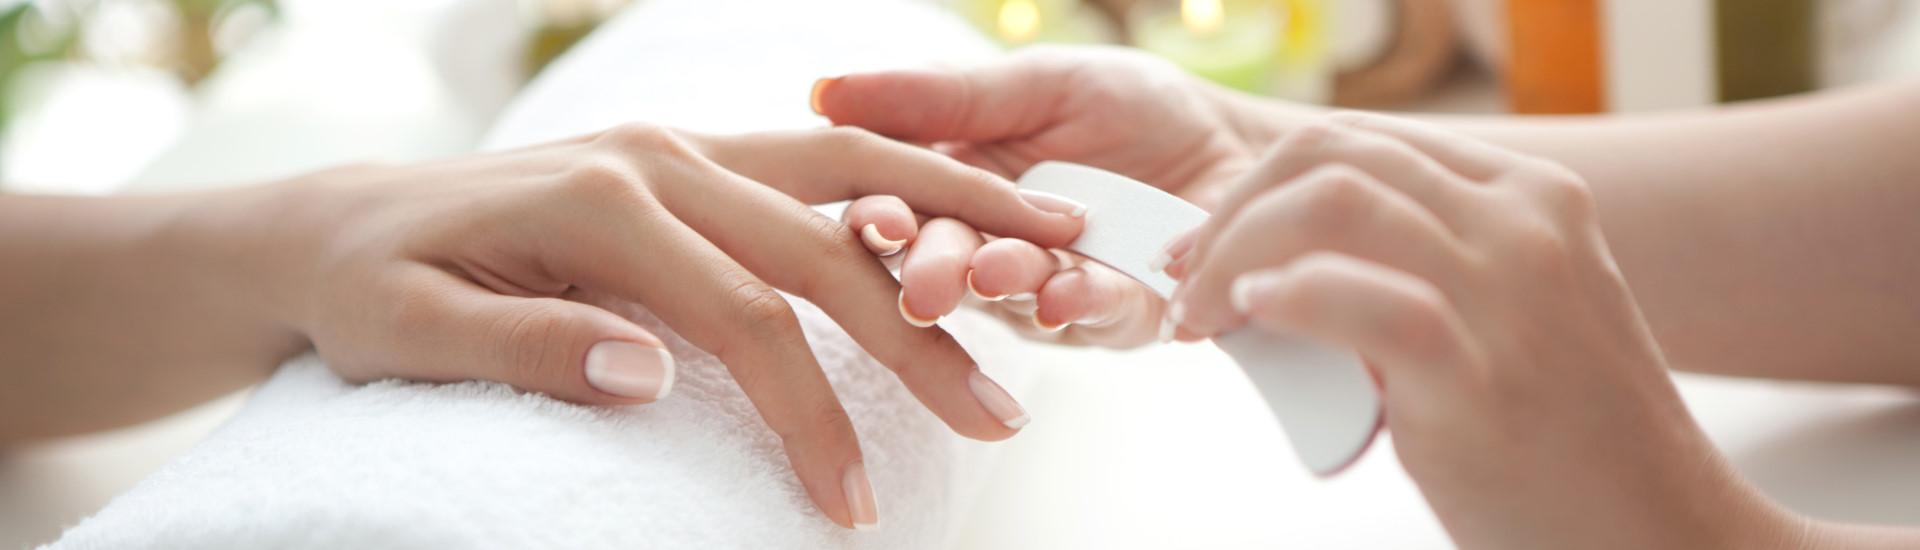 Hand Treatments